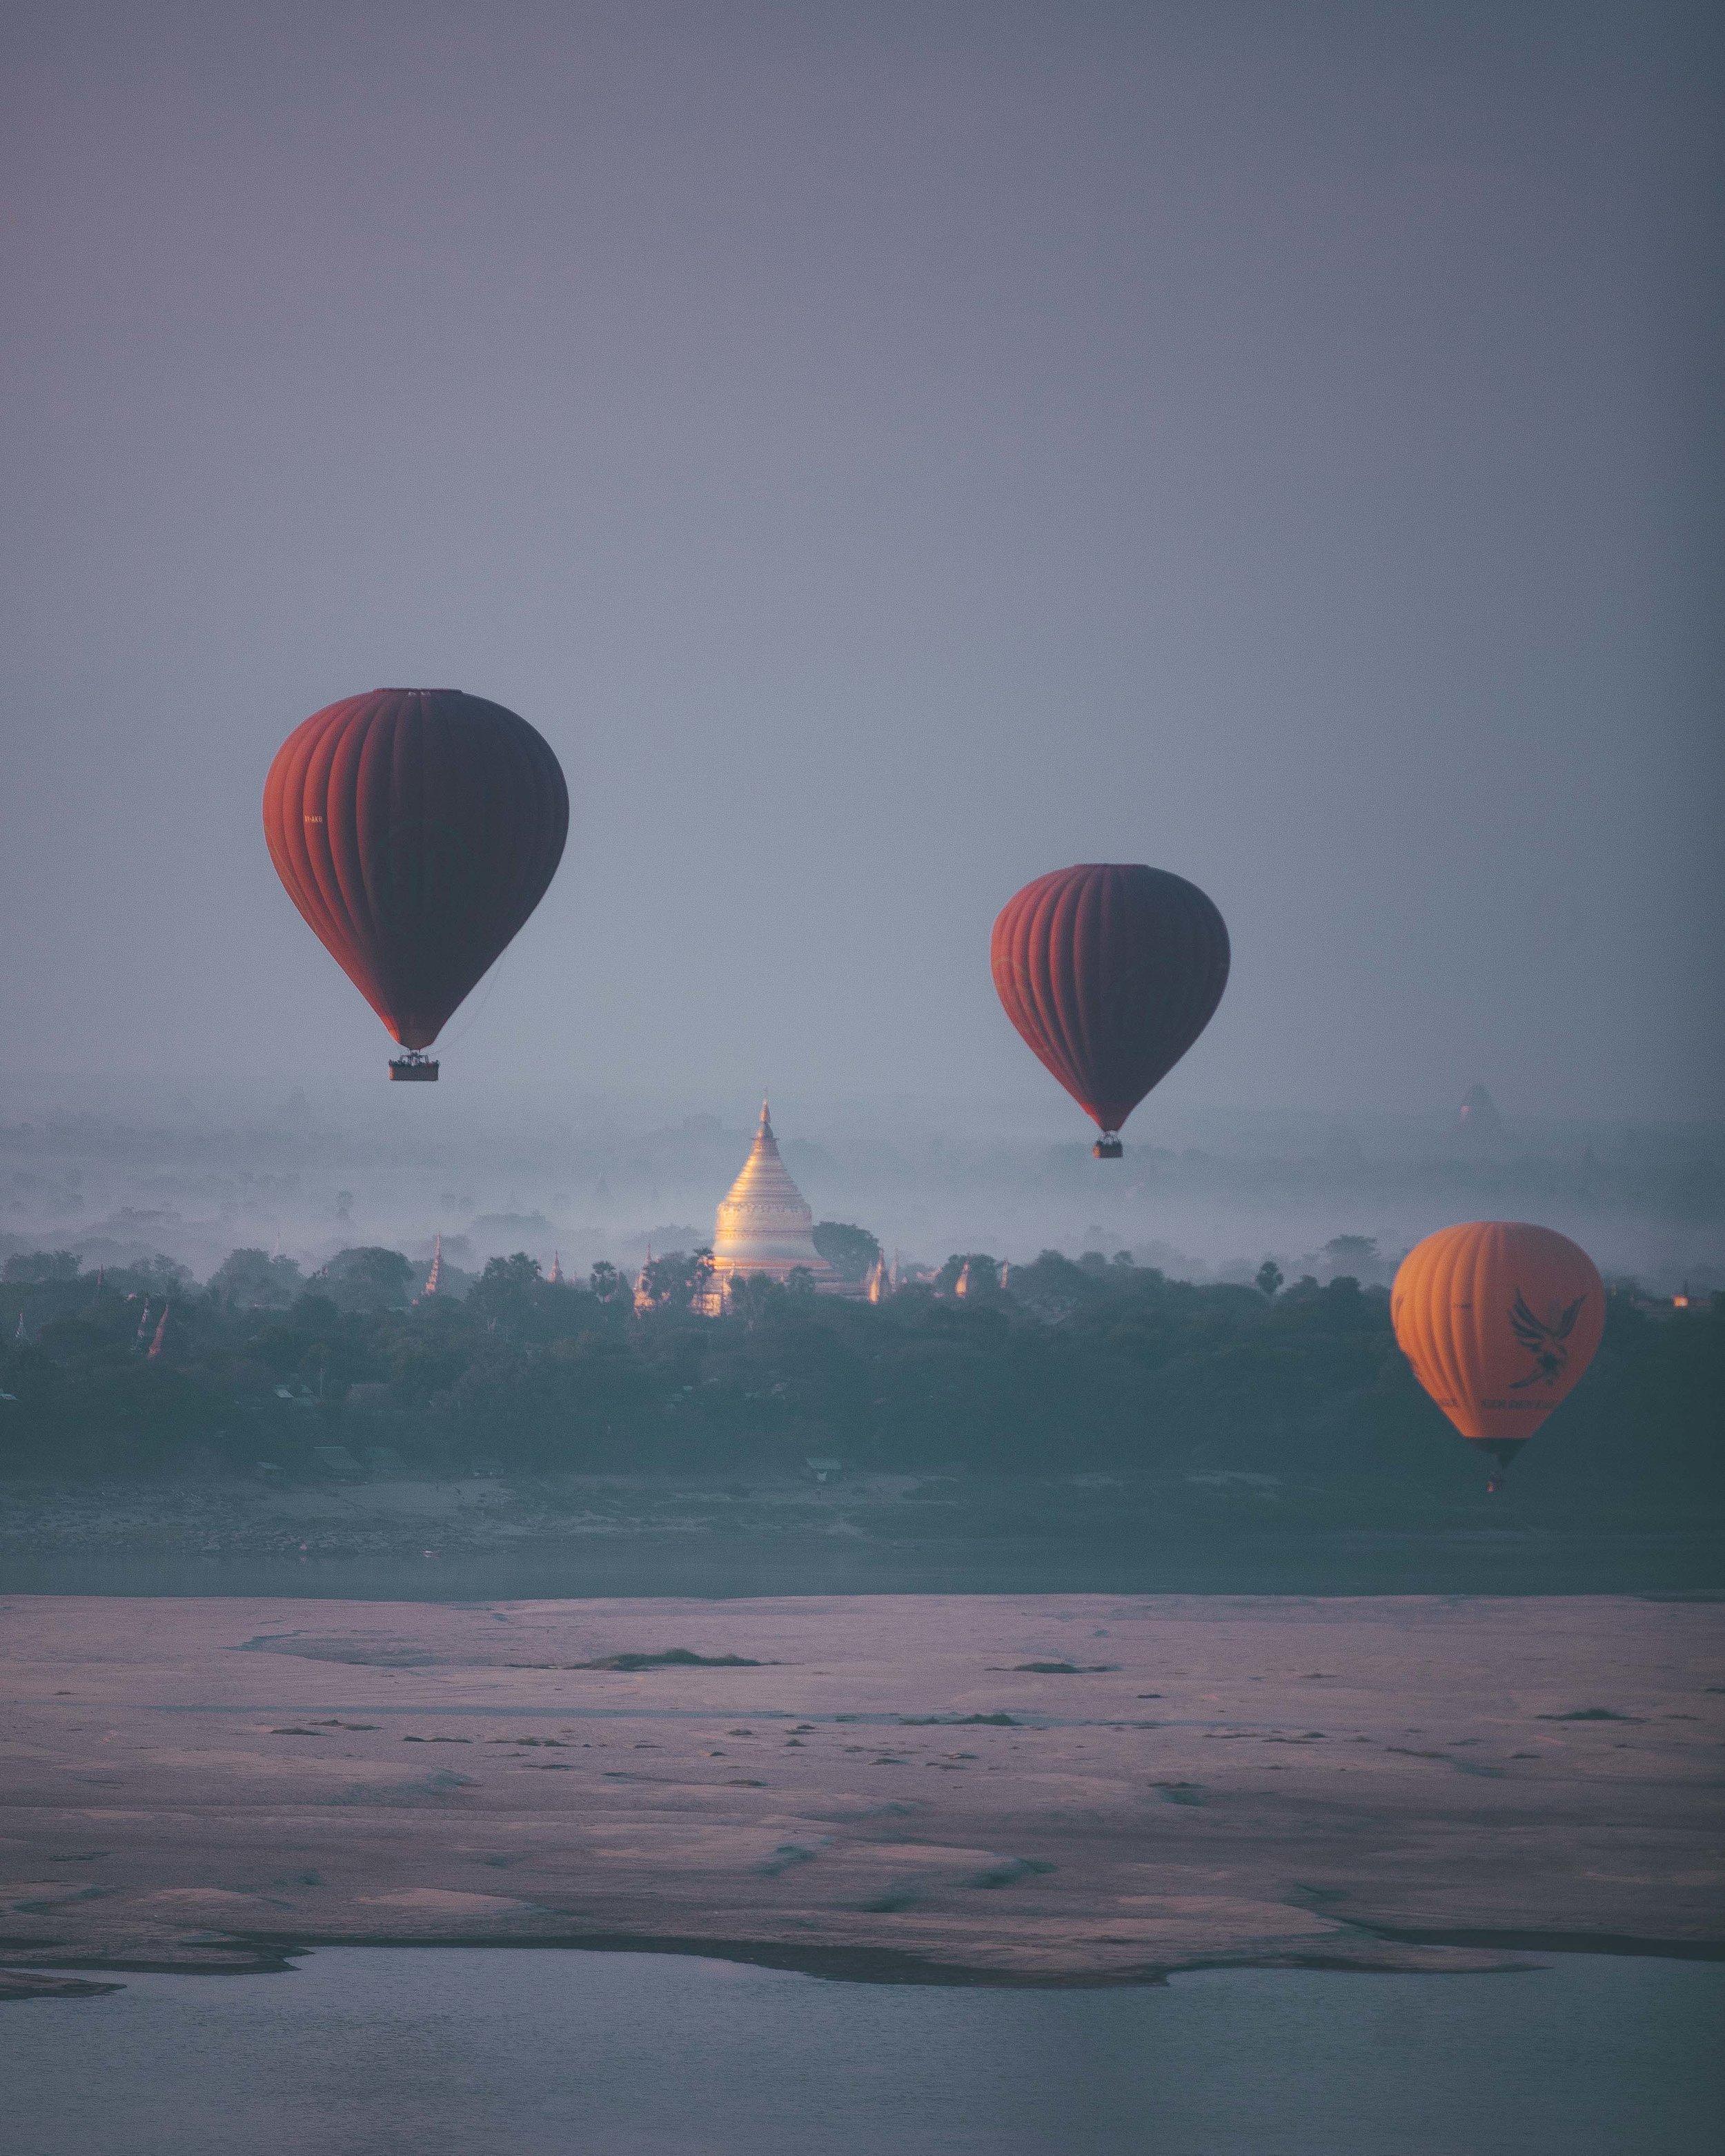 Balloon over pagoda in Bagan